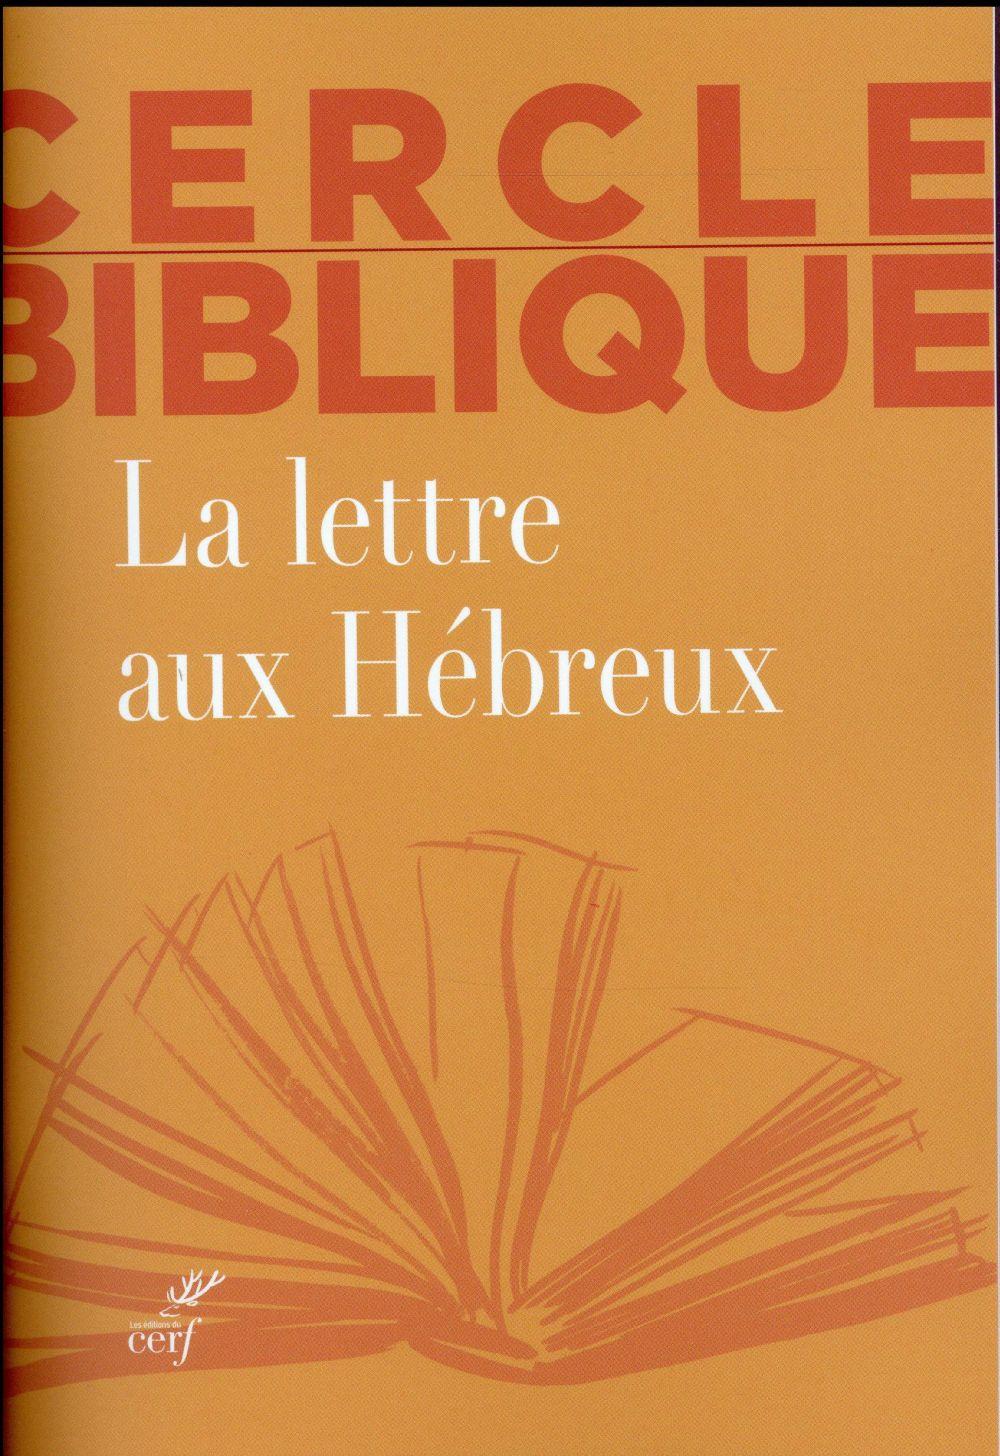 LA LETTRE AUX HEBREUX